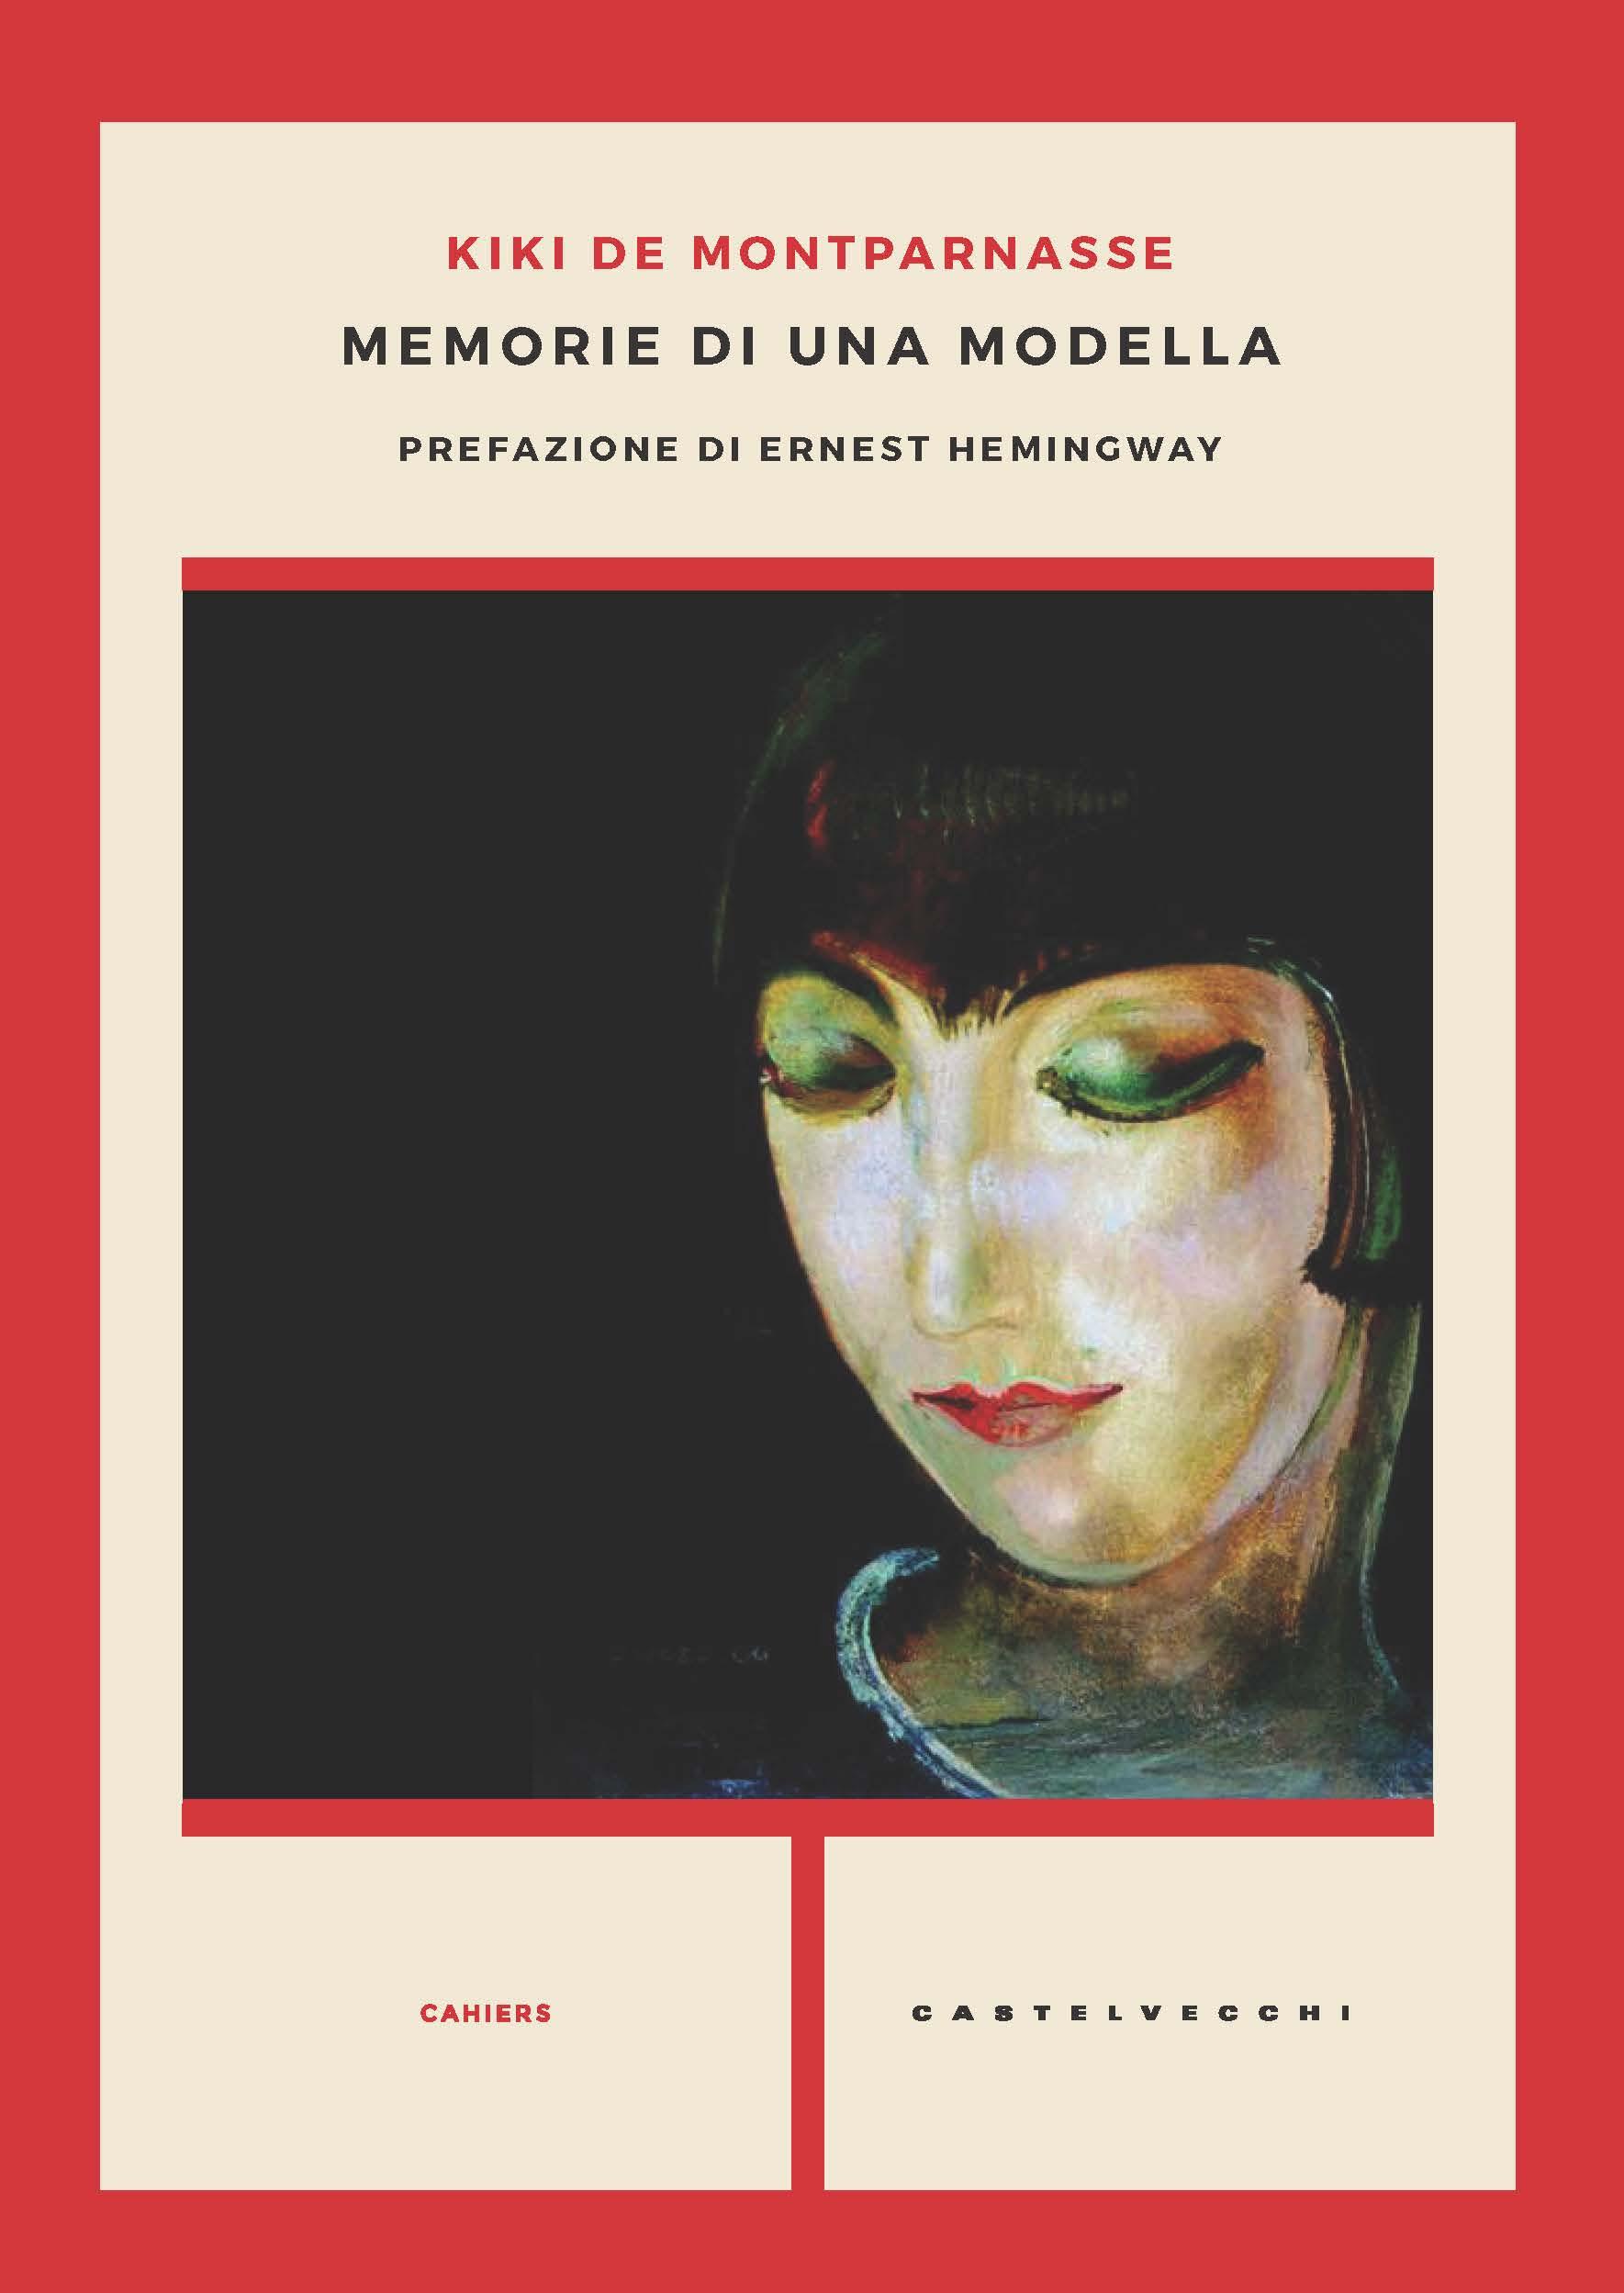 Memorie di una modella